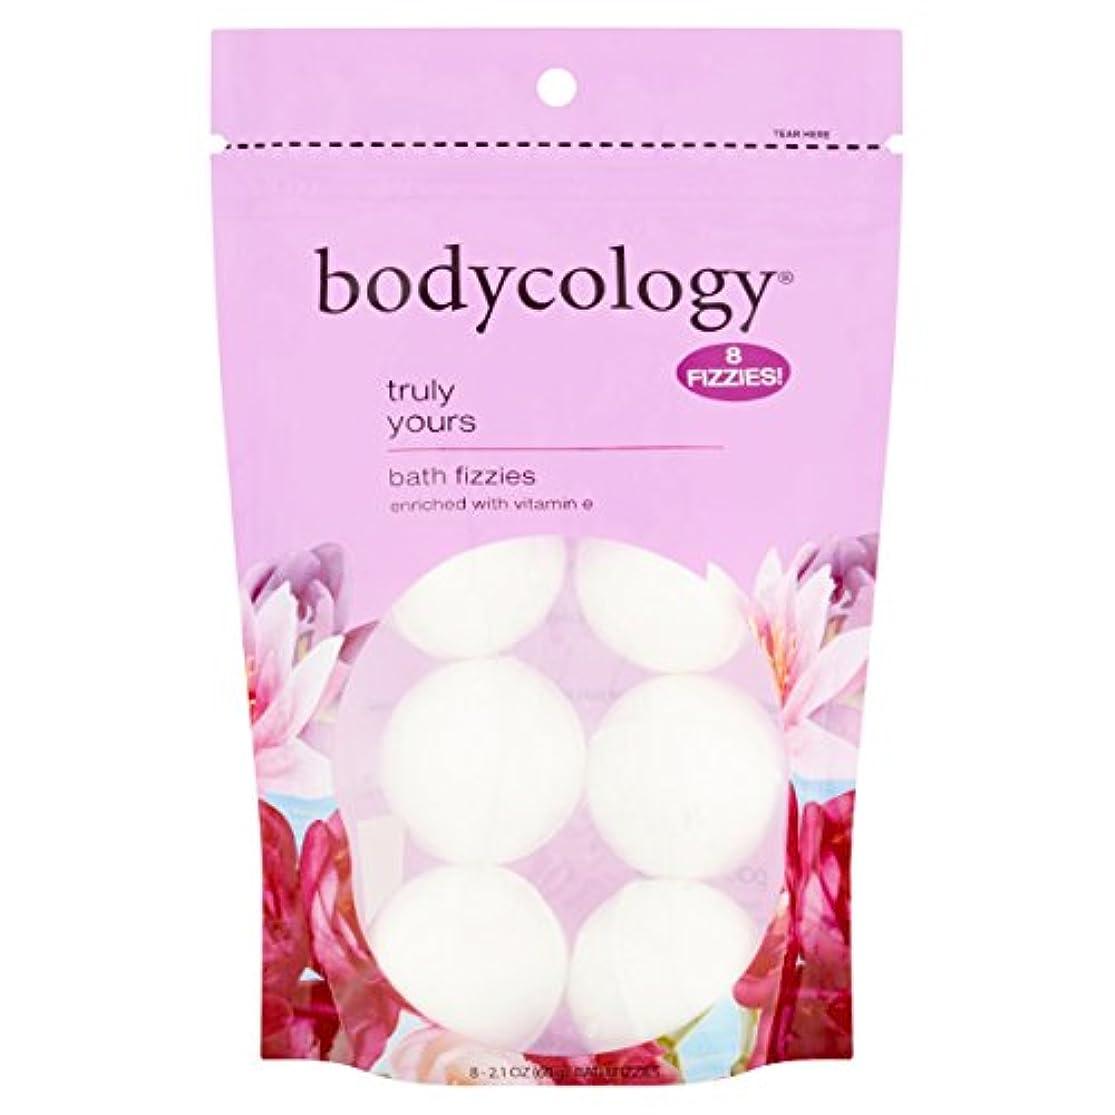 その女将追加するBodycology 敬具バースFizzies爆弾8から2.1オズボールを浸し